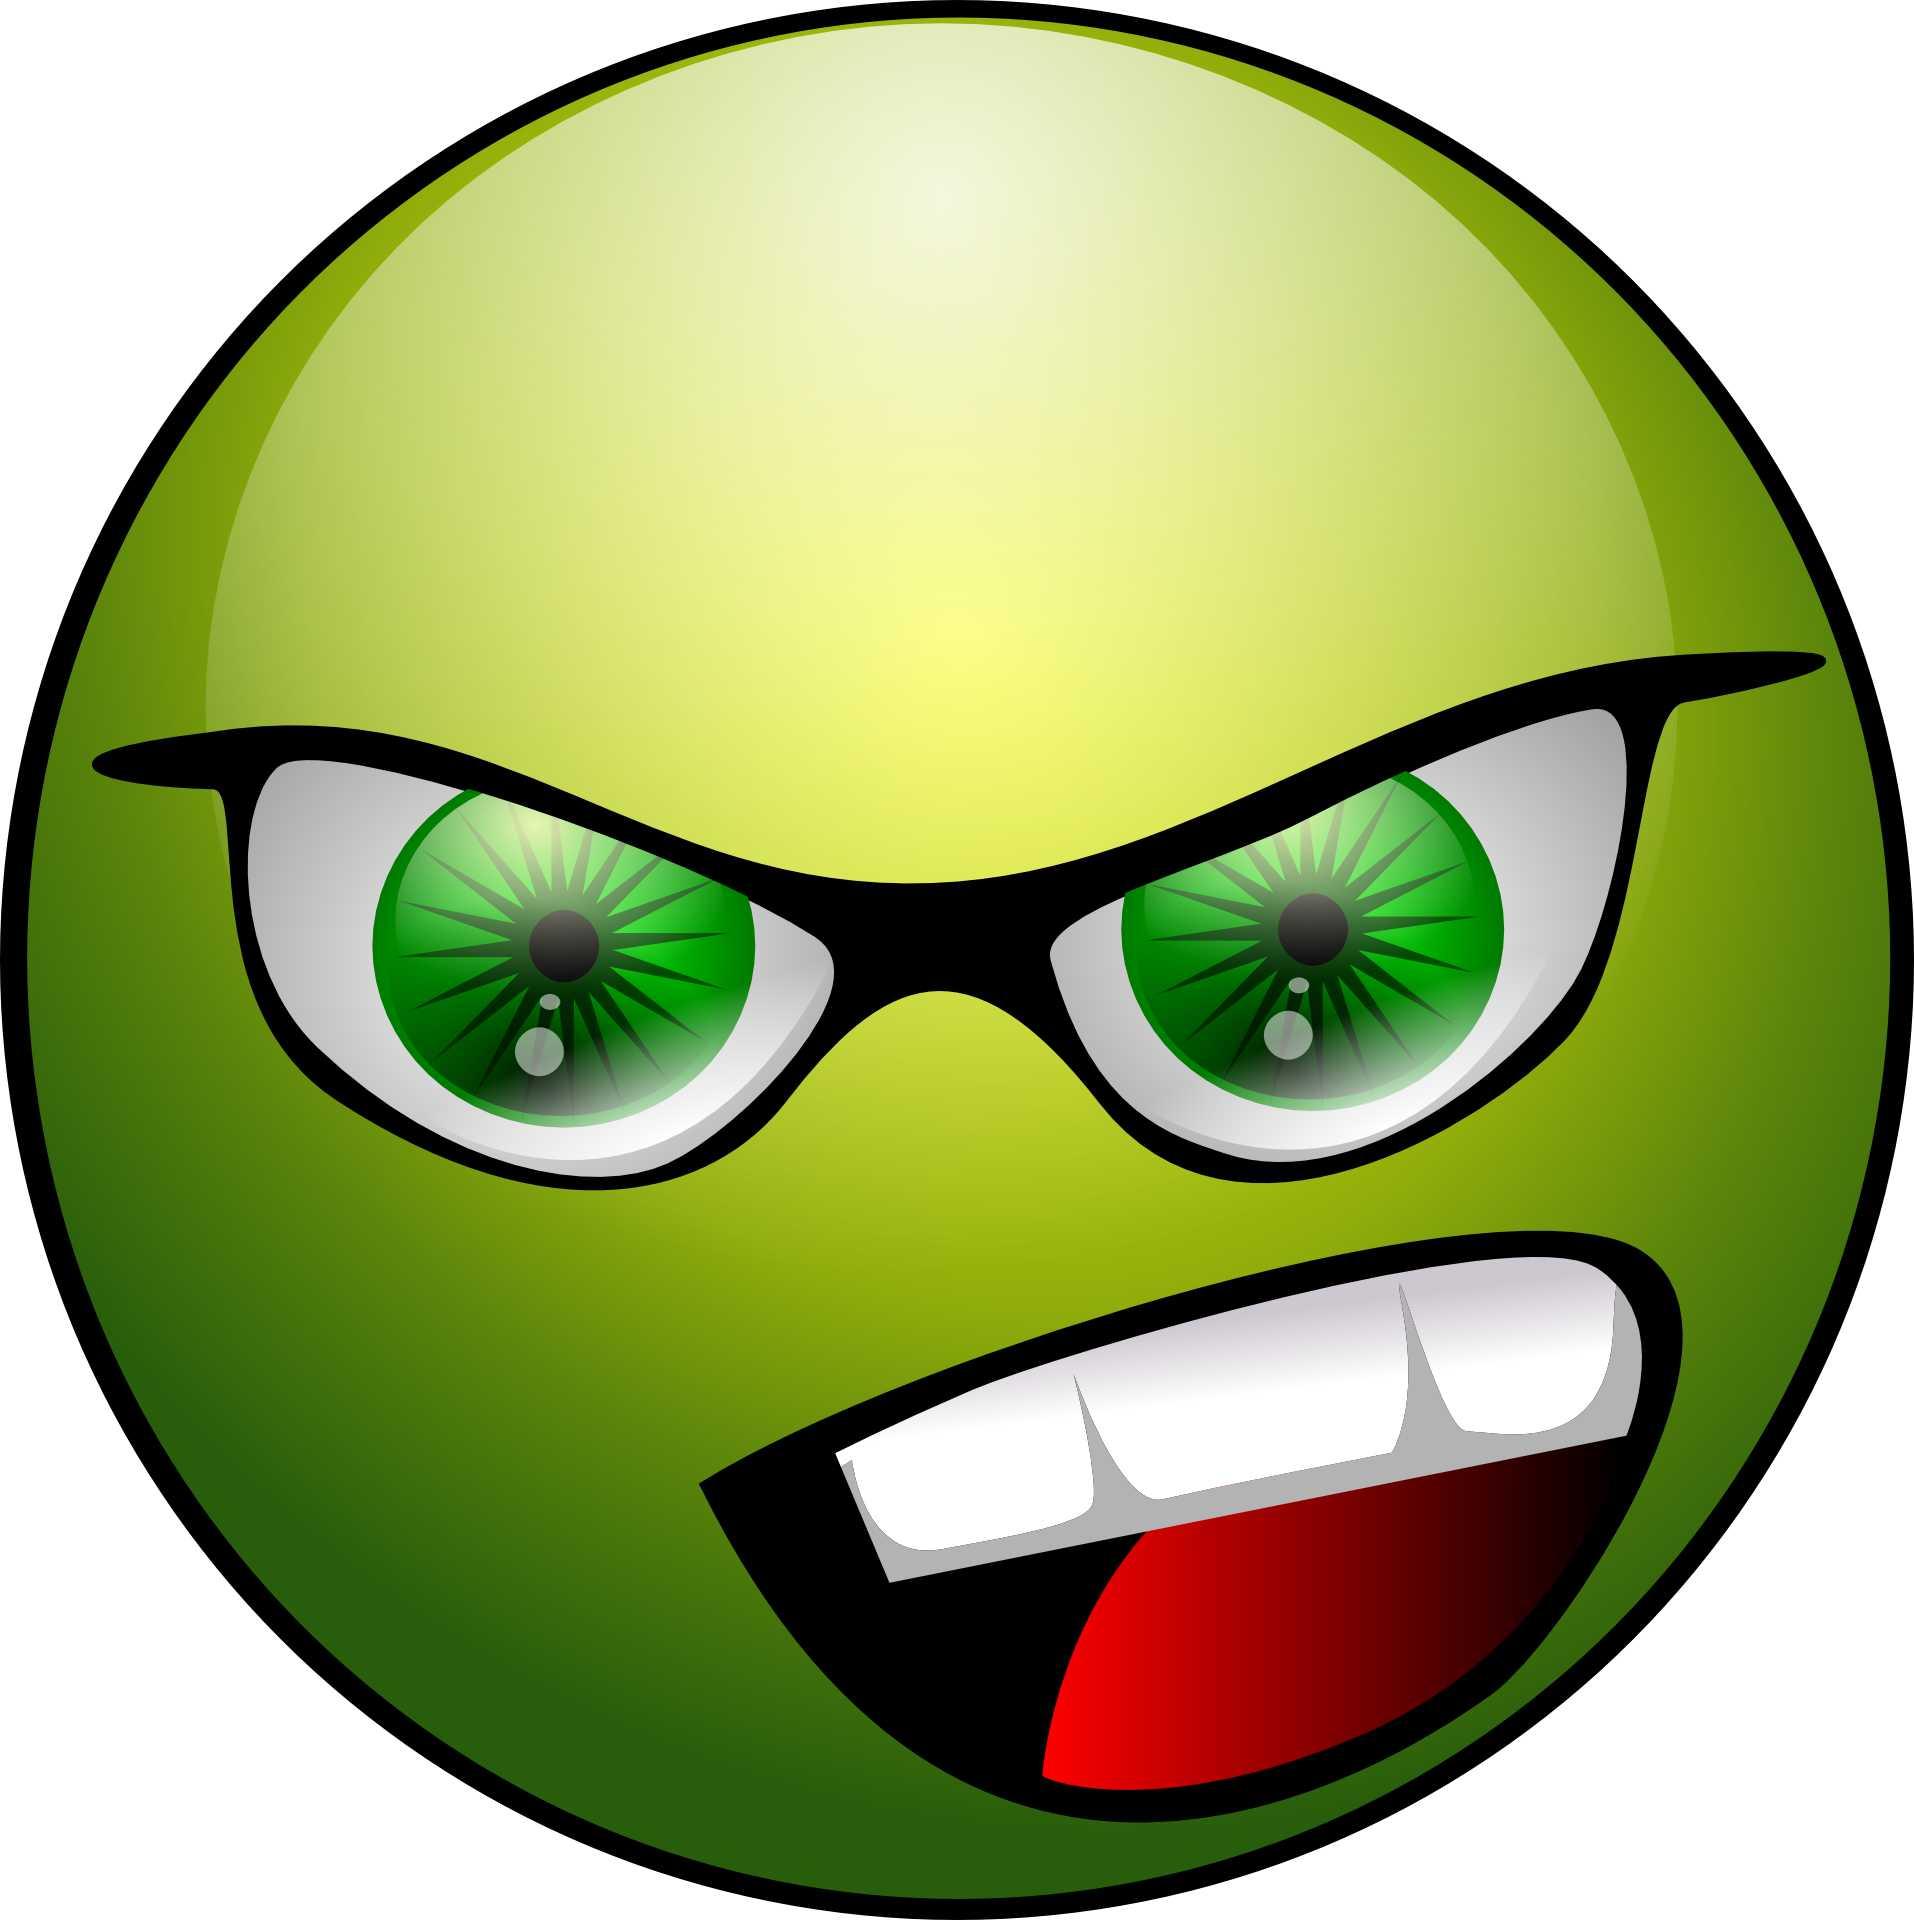 Je suis vert de rage car La poste m'a fait craquer